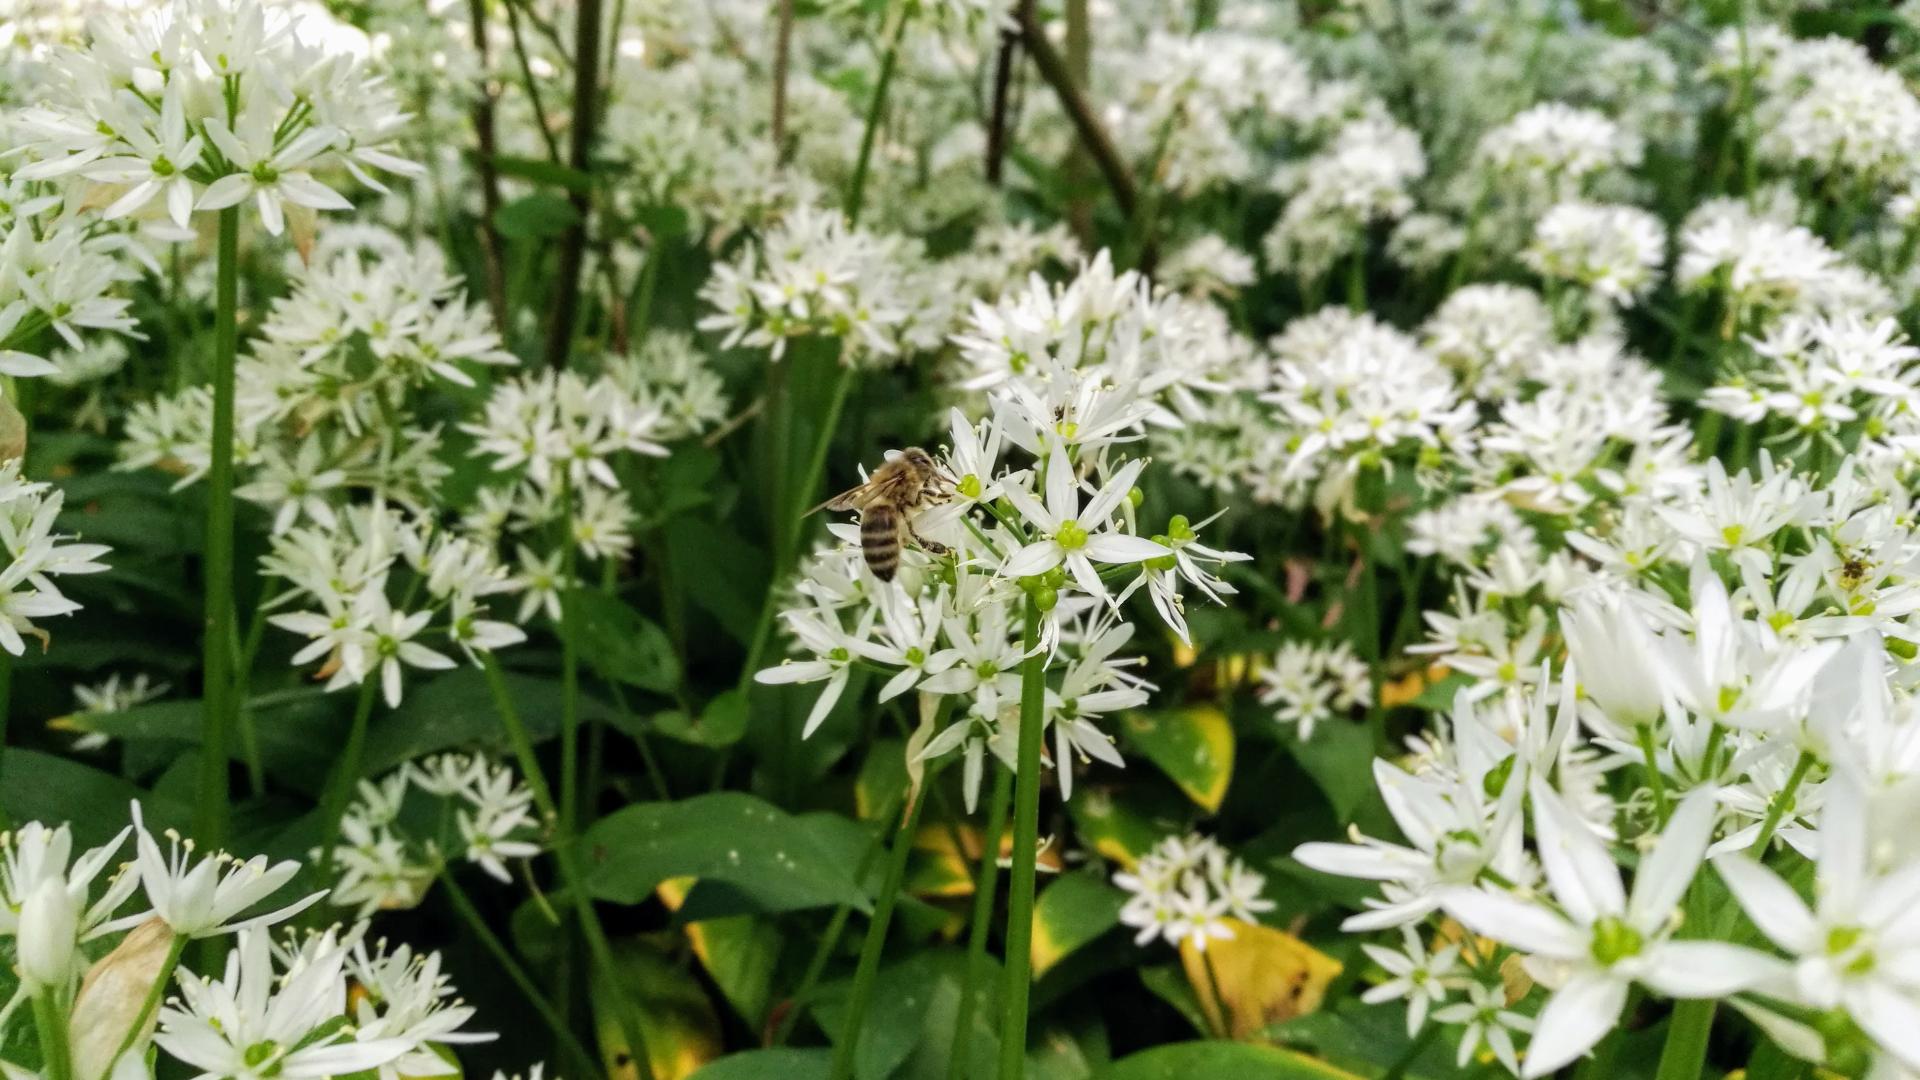 Cvetovi sremuša